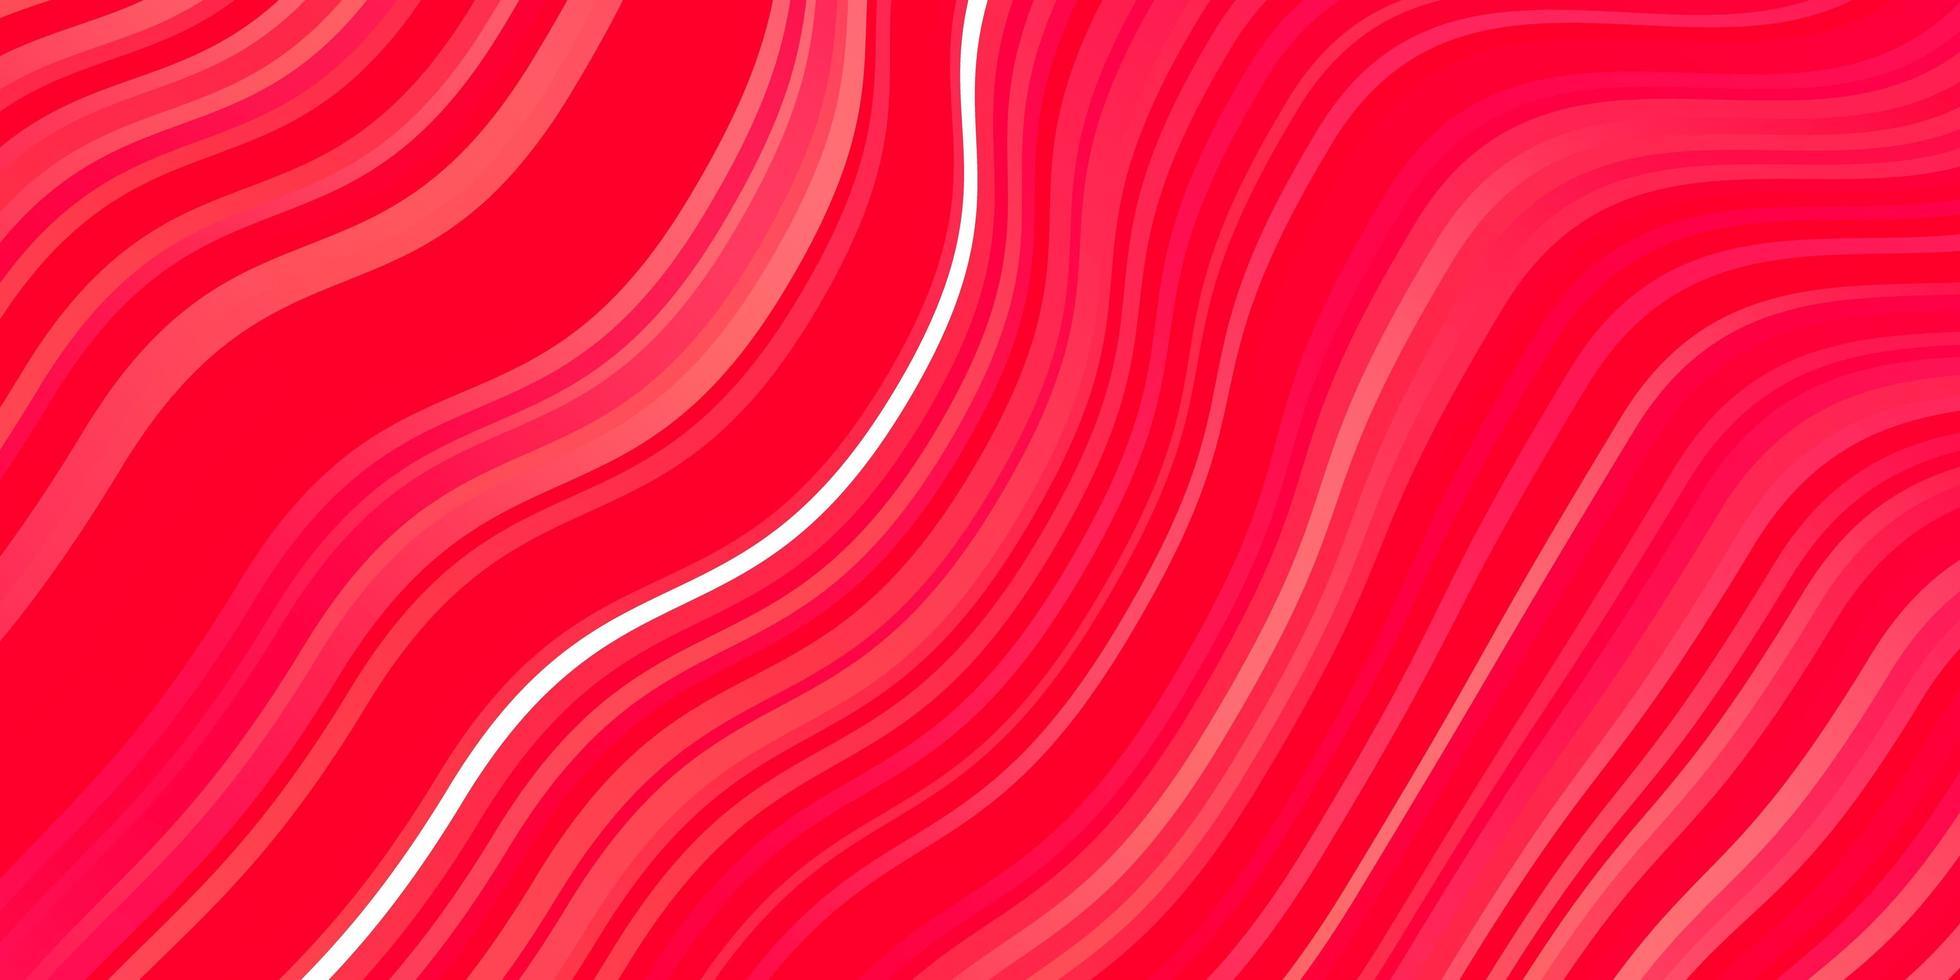 plantilla roja con líneas curvas. vector